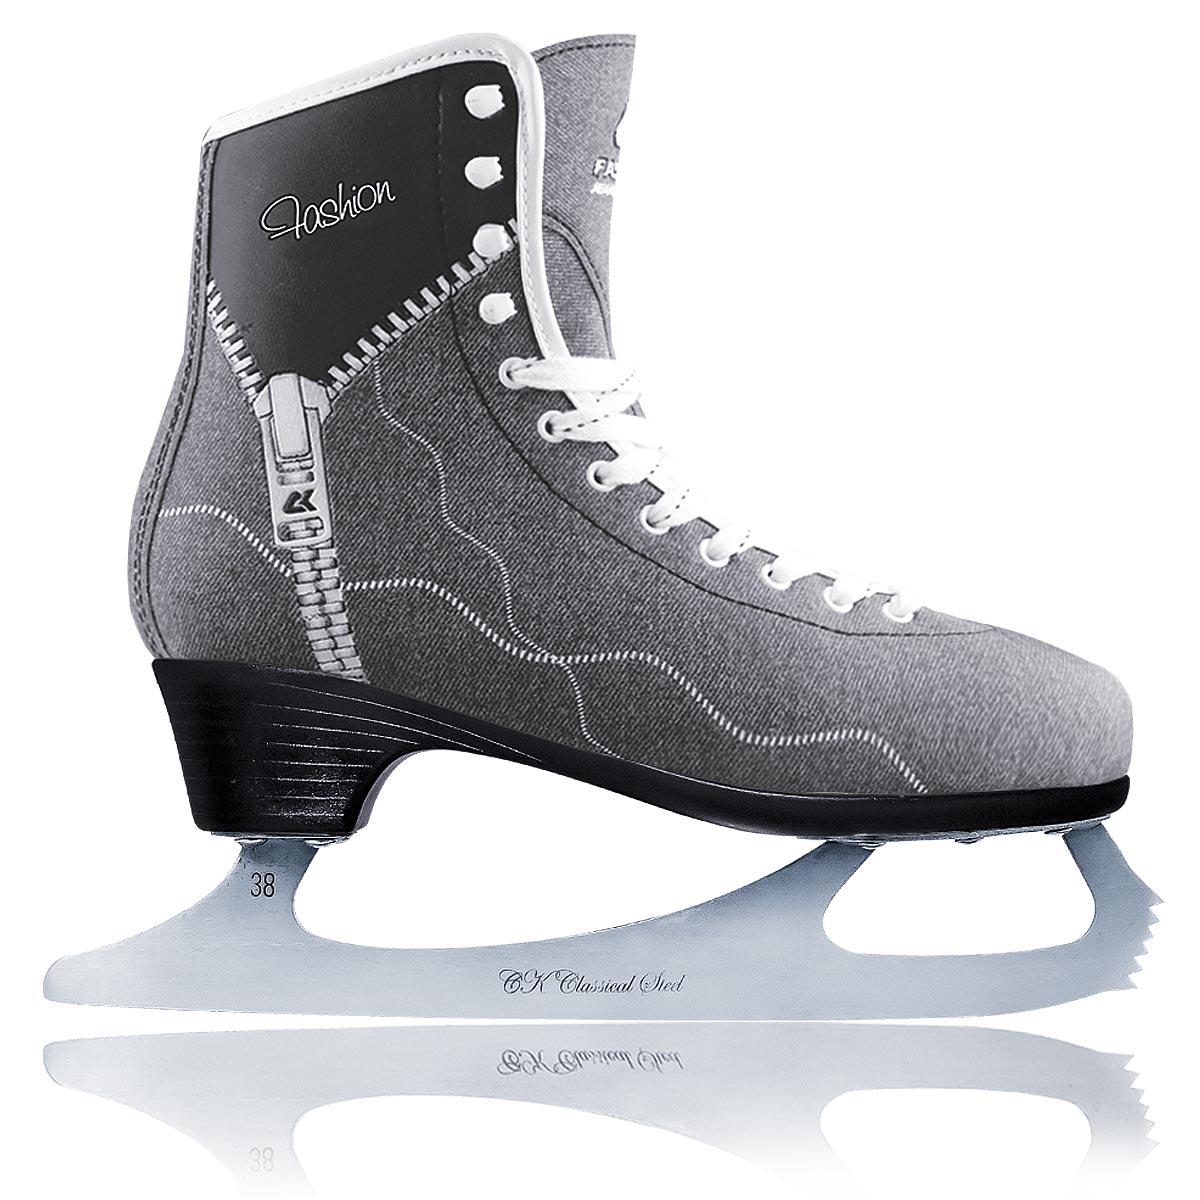 Коньки фигурные для девочки Fashion Lux JeansFASHION LUX jeansДетские фигурные коньки для девочки от CK Fashion Lux Jeans идеально подойдут для любительского катания. Модель с высокой, плотной колодкой и усиленным задником, обеспечивающим боковую поддержку ноги, выполнена из синтетического материала на виниловой основе, который обработан водоотталкивающей пропиткой, и дополнен на берцах нашивкой из искусственной кожи. Внутренняя поверхность исполнена из искусственного меха, стелька - из текстиля. Язычок, изготовленный из войлока, обеспечит тепло и комфорт во время катания. Плотная классическая шнуровка надежно фиксирует модель на ноге. Коньки оформлены оригинальным принтом под джинсу и дополнены с одной из боковых сторон тиснением в виде молнии и логотипа бренда. Подошва - из твердого пластика. Лезвие из нержавеющей стали со специальным покрытием, придающим дополнительную прочность, обеспечит превосходное скольжение. Особенность данной модели заключается в поддержке голеностопа и в том, что каблук визуально сливается с основной...